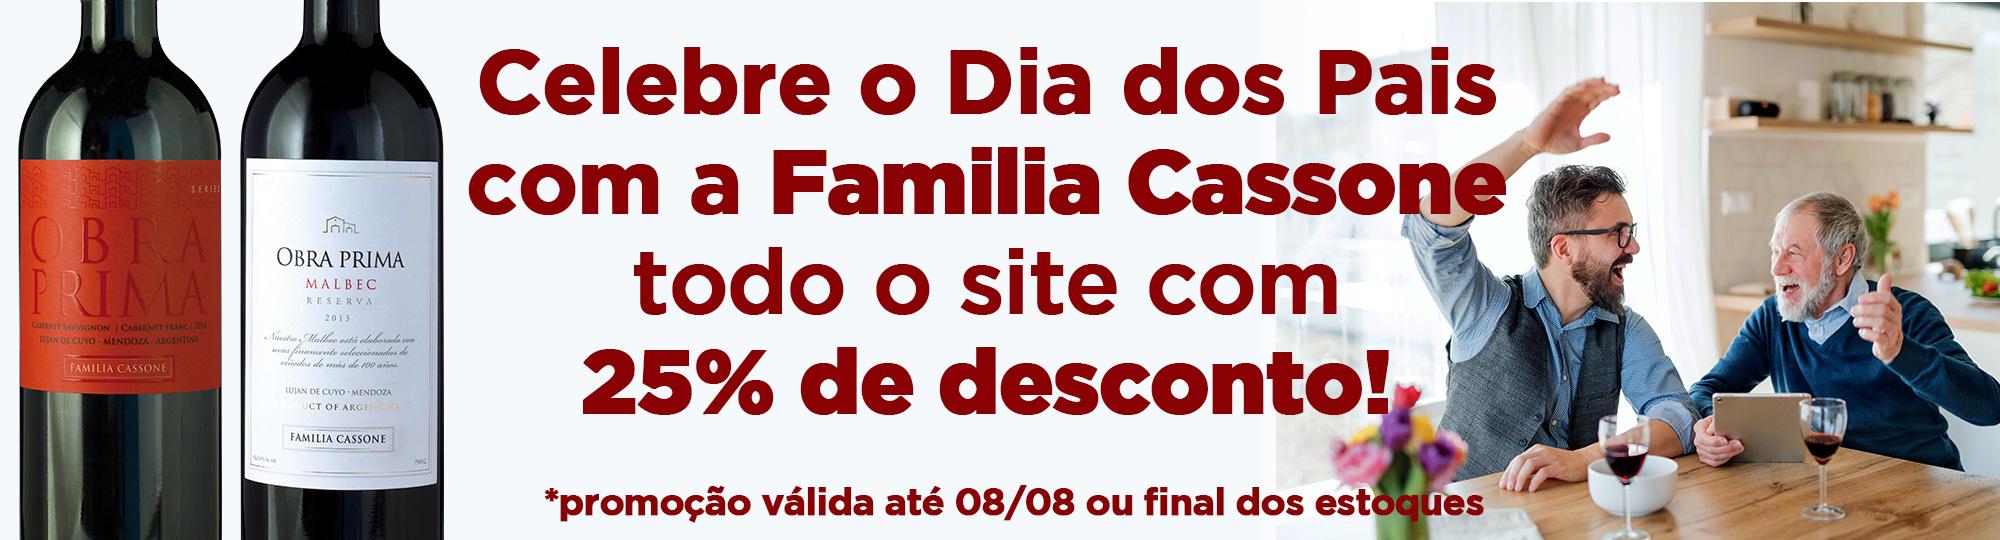 Dia dos Pais Familia Cassone